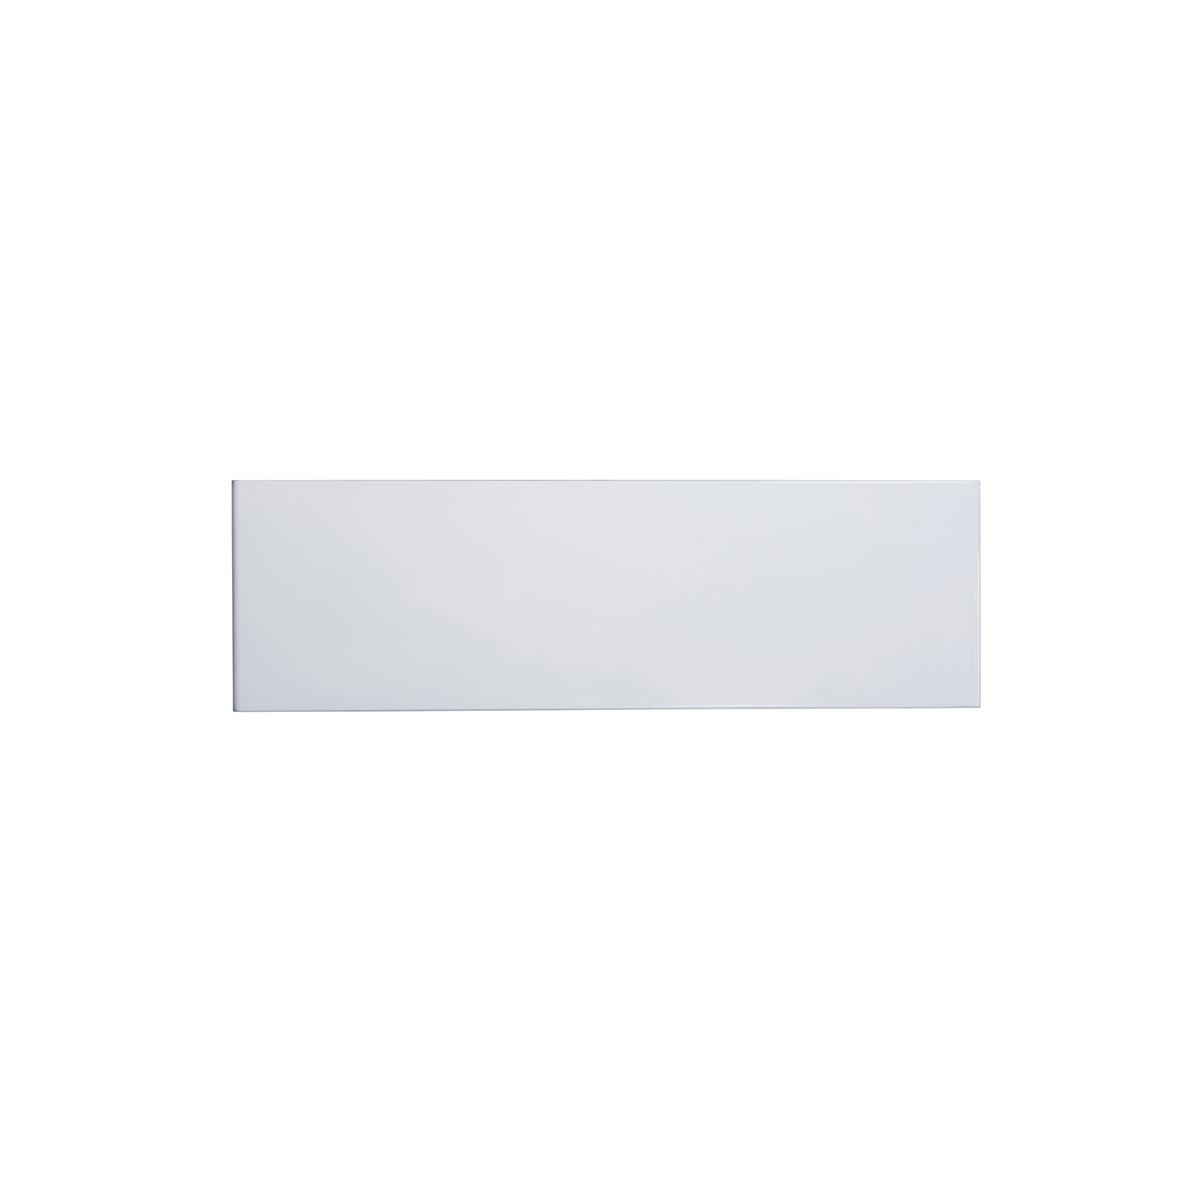 Панель фронтальная для акриловой ванны Roca Easy 150x70 ZRU9302908 панель фронтальная для ванны акриловой cersanit 140см универсальная